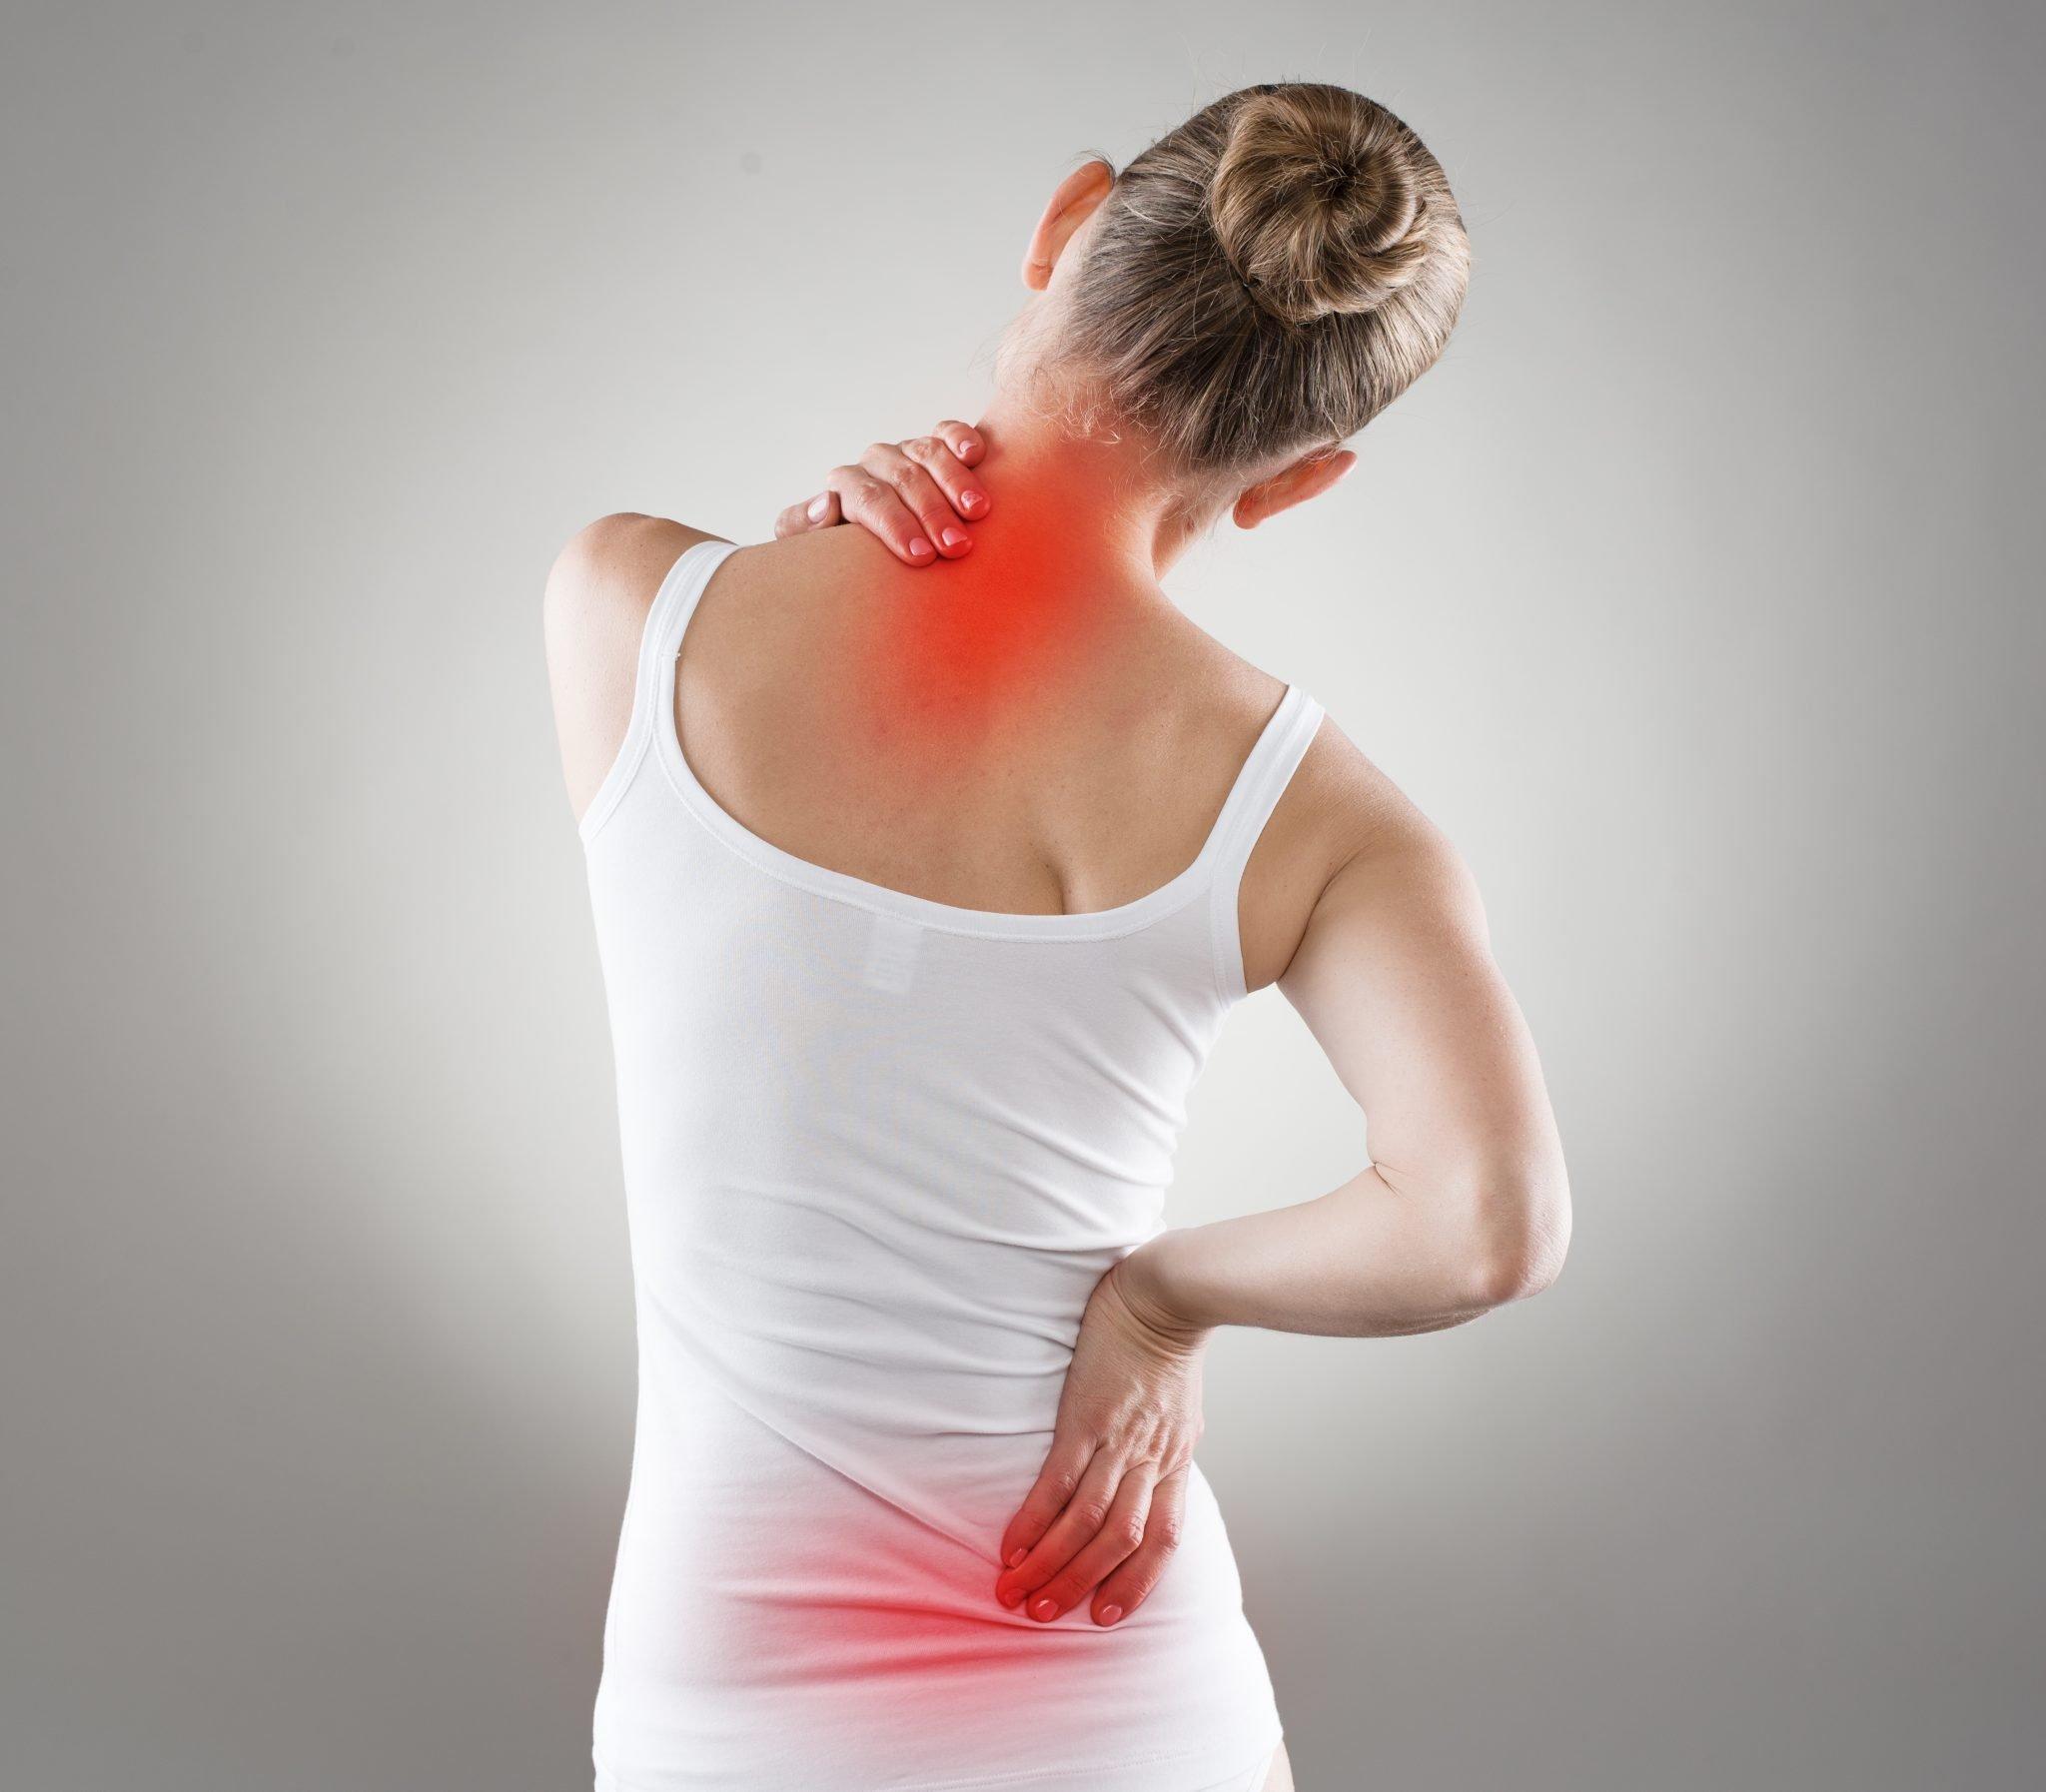 shutterstock 233859859 1.jpg?resize=1200,630 - Receita fácil, barata e caseira para tratar problemas de articulação